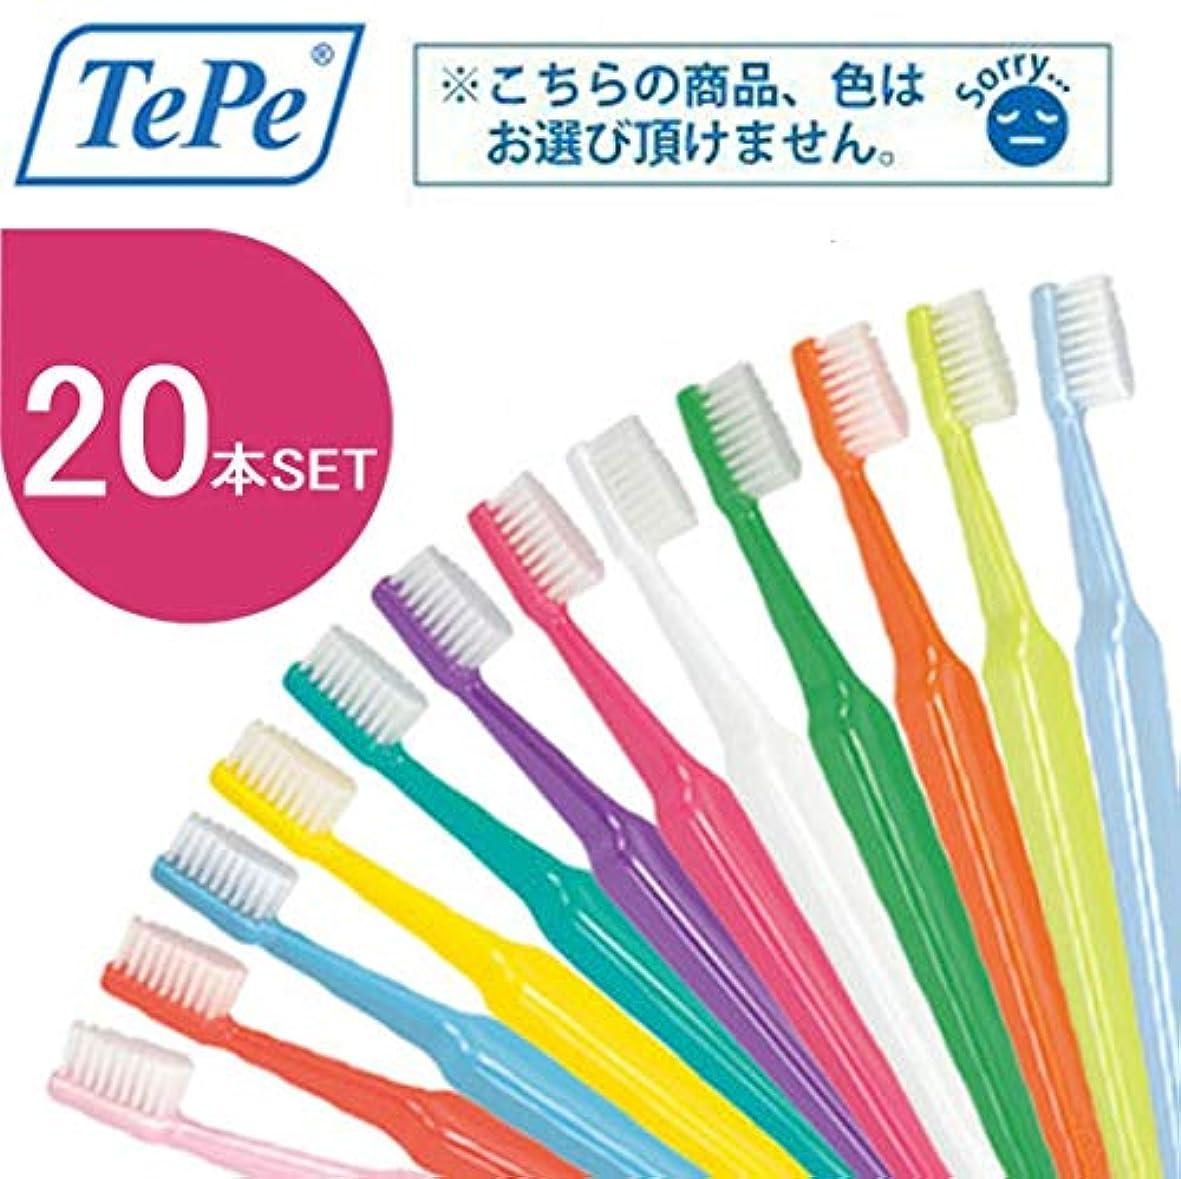 ごめんなさい服読者クロスフィールド TePe テペ セレクト 歯ブラシ 20本 (ソフト)